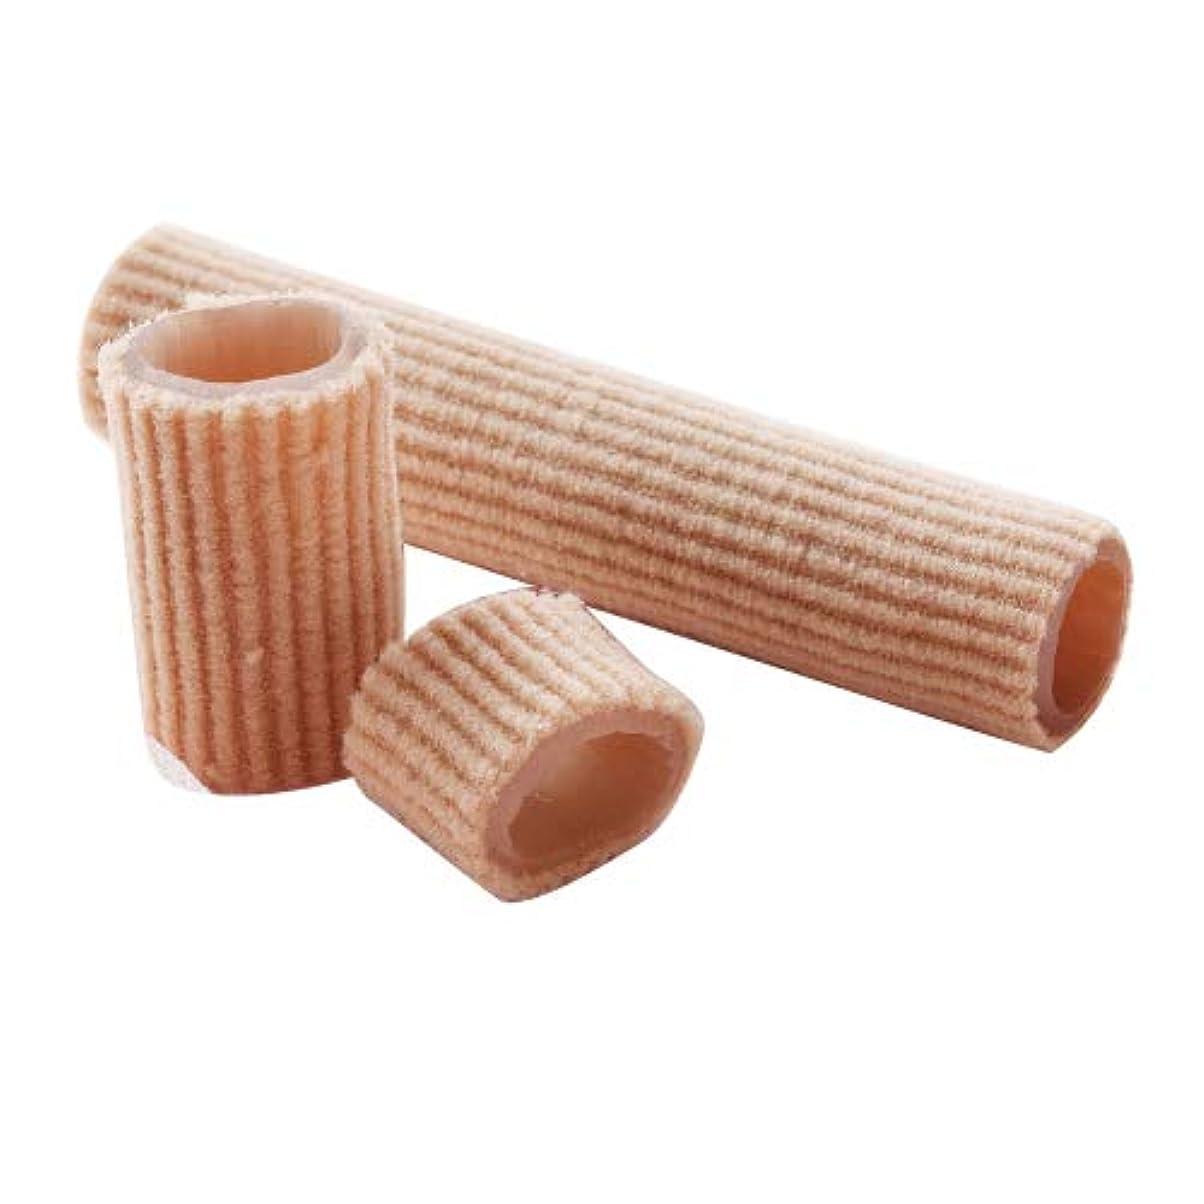 私のチャンピオンシップ松の木巻き爪保護サポーター 巻き爪サック